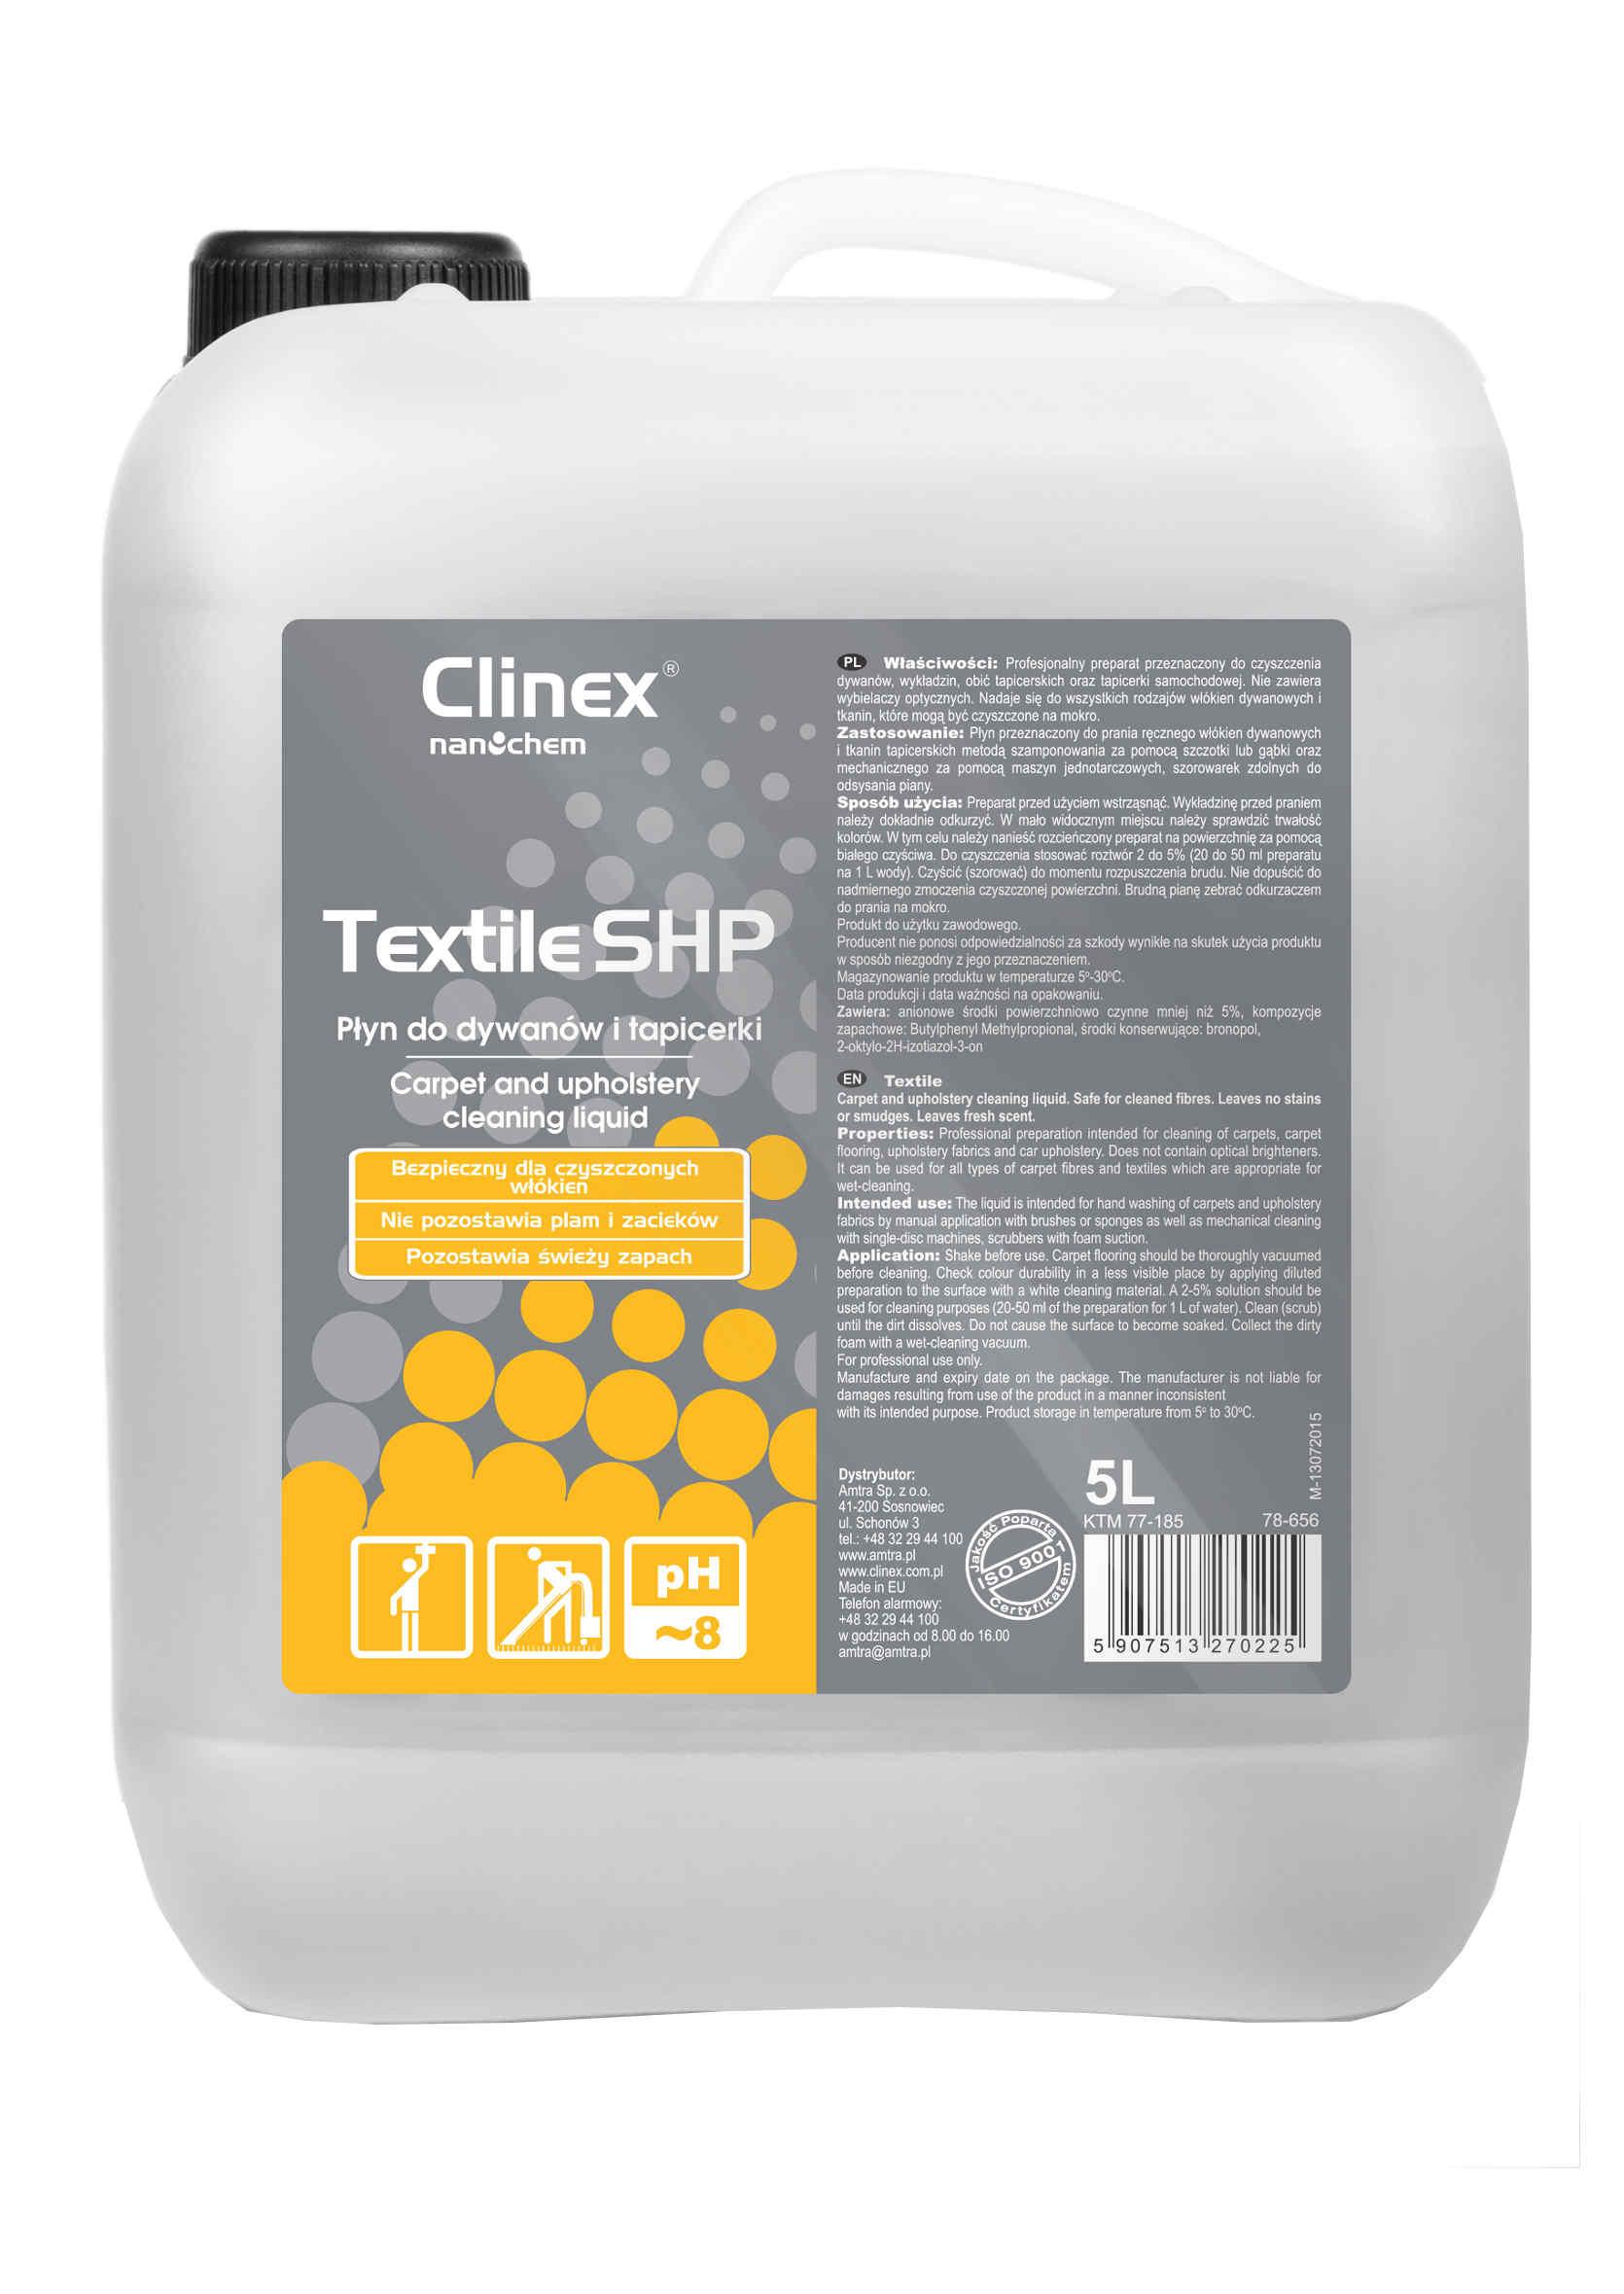 Clinex Textile SHP 5L Płyn do Prania Dywanów Wykładziny i Tapicerki